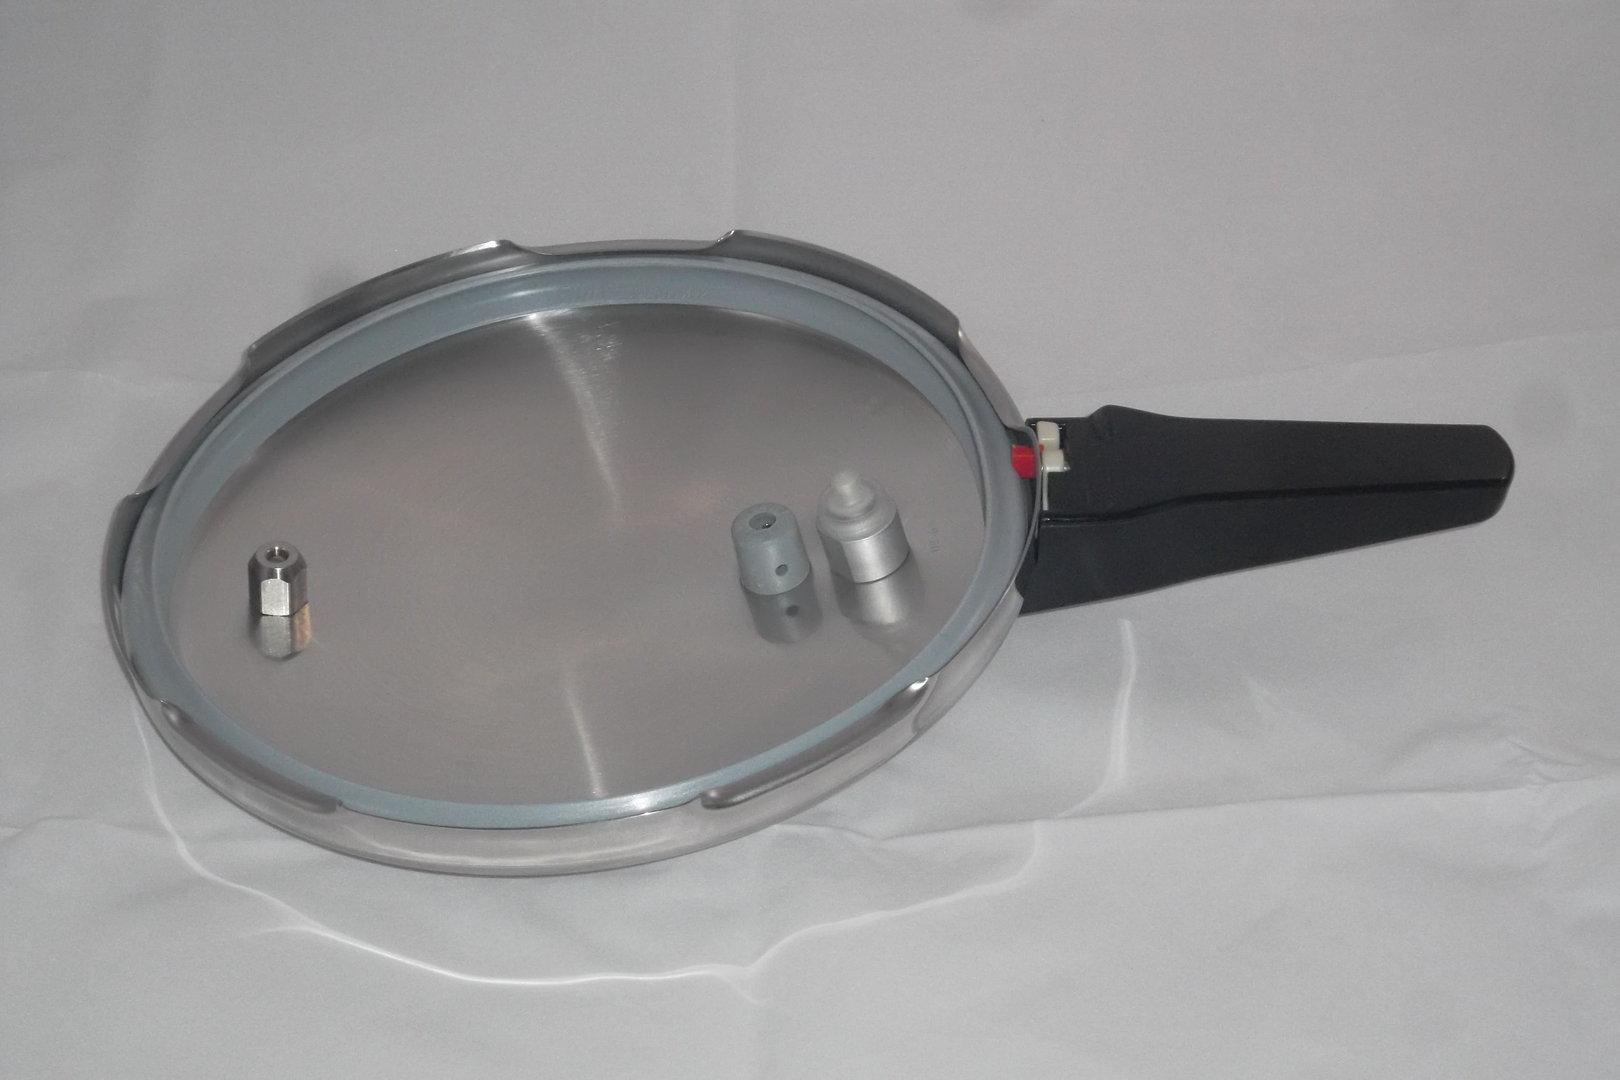 Silit Schnellkochtopf Ersatzteile : silit deckel f r schnellkochtopf sicomatic l 18cm 22cm schnellkochtopfdichtungen ~ Watch28wear.com Haus und Dekorationen